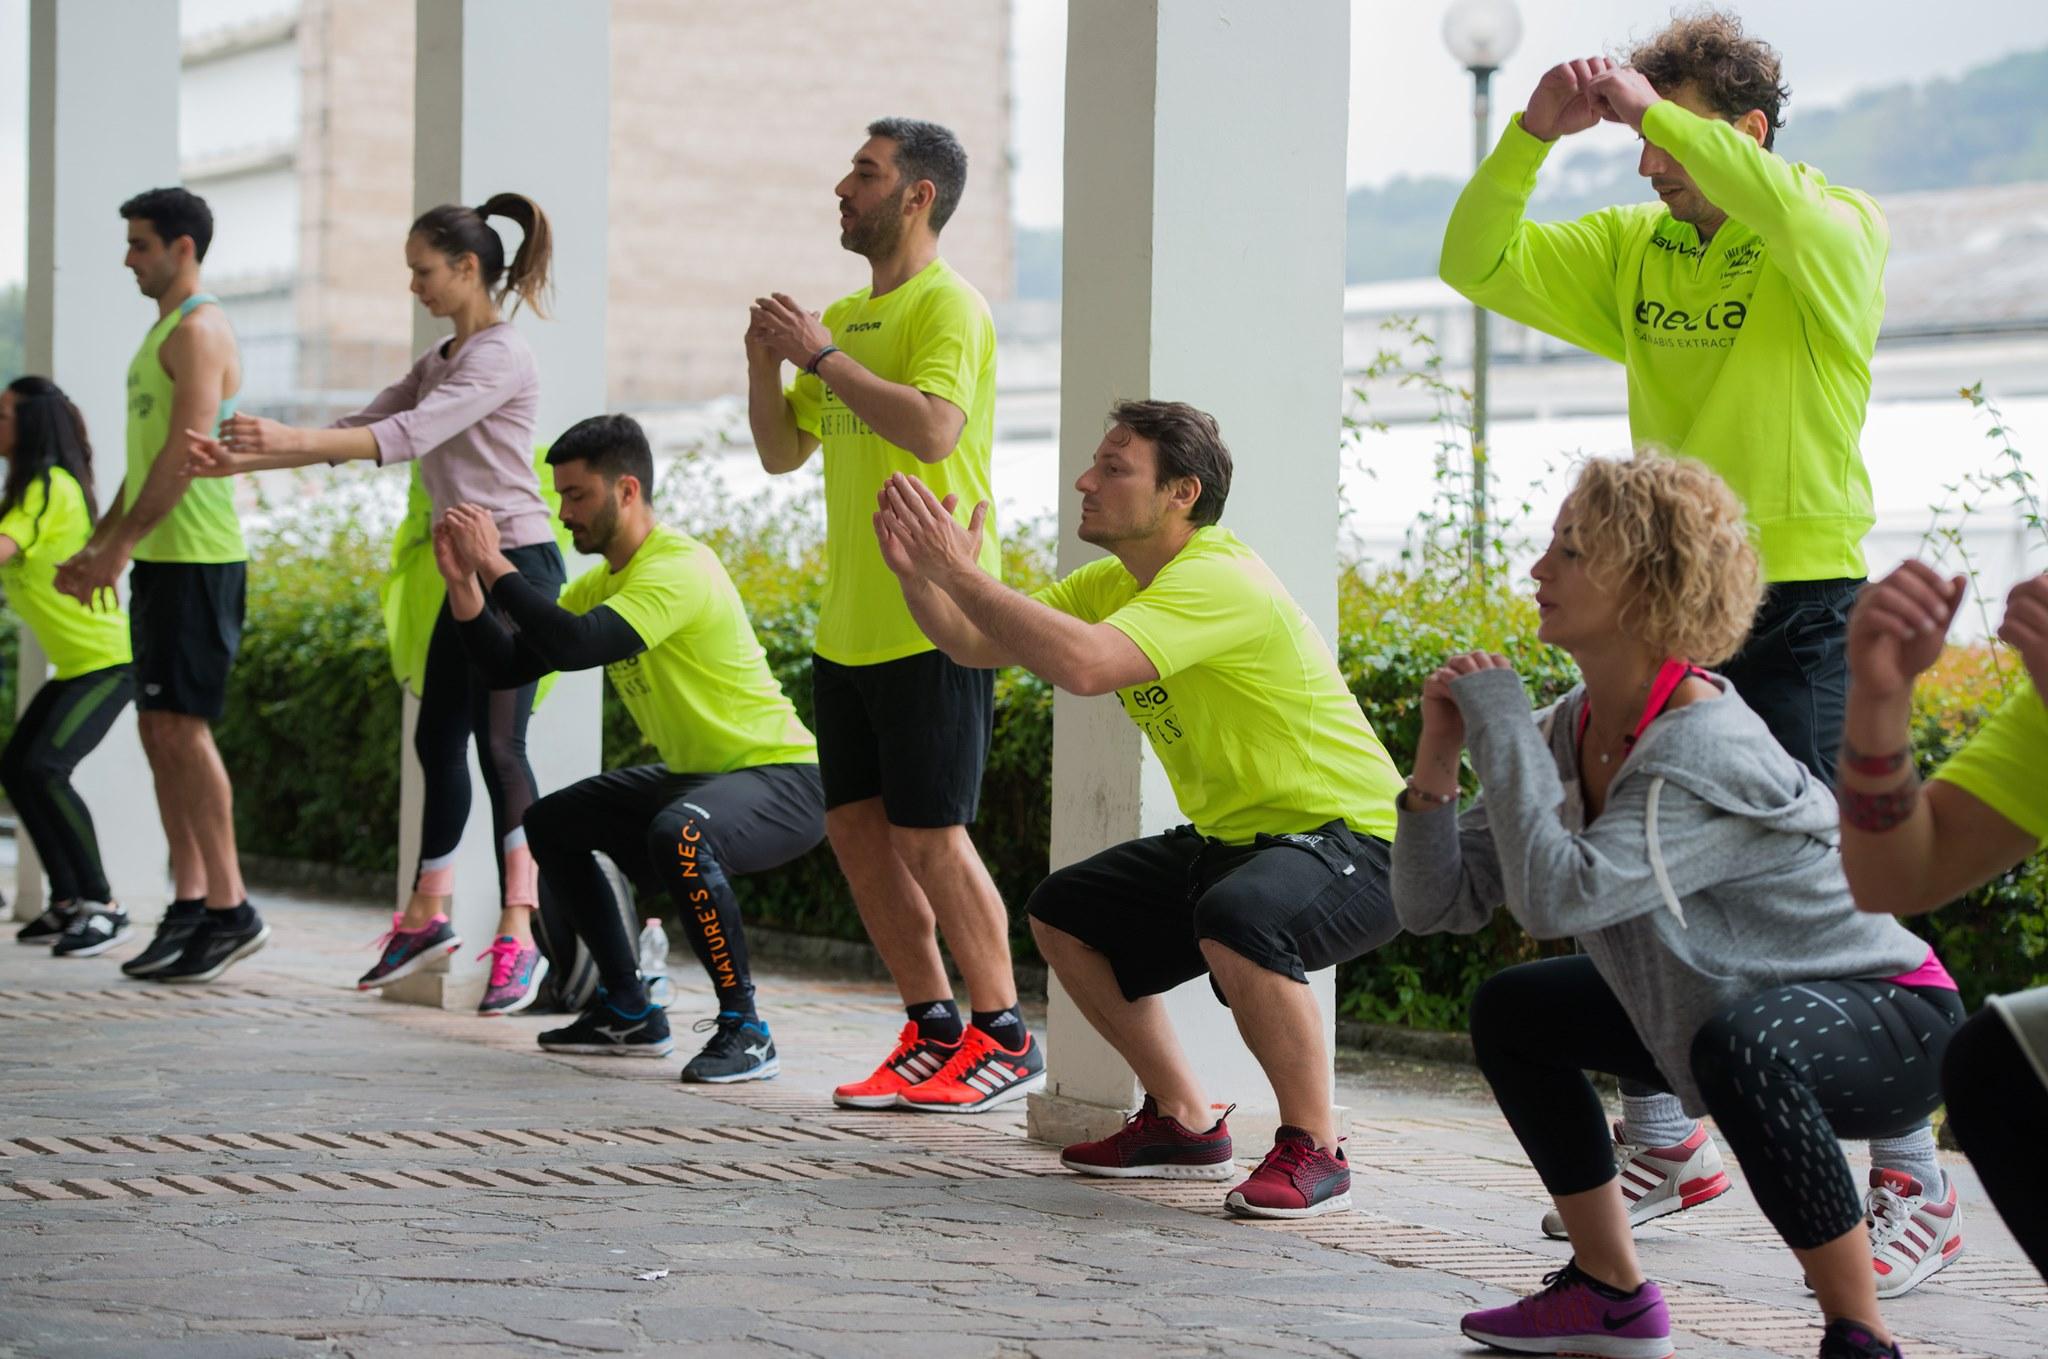 importanza del cbd nella routine del workout